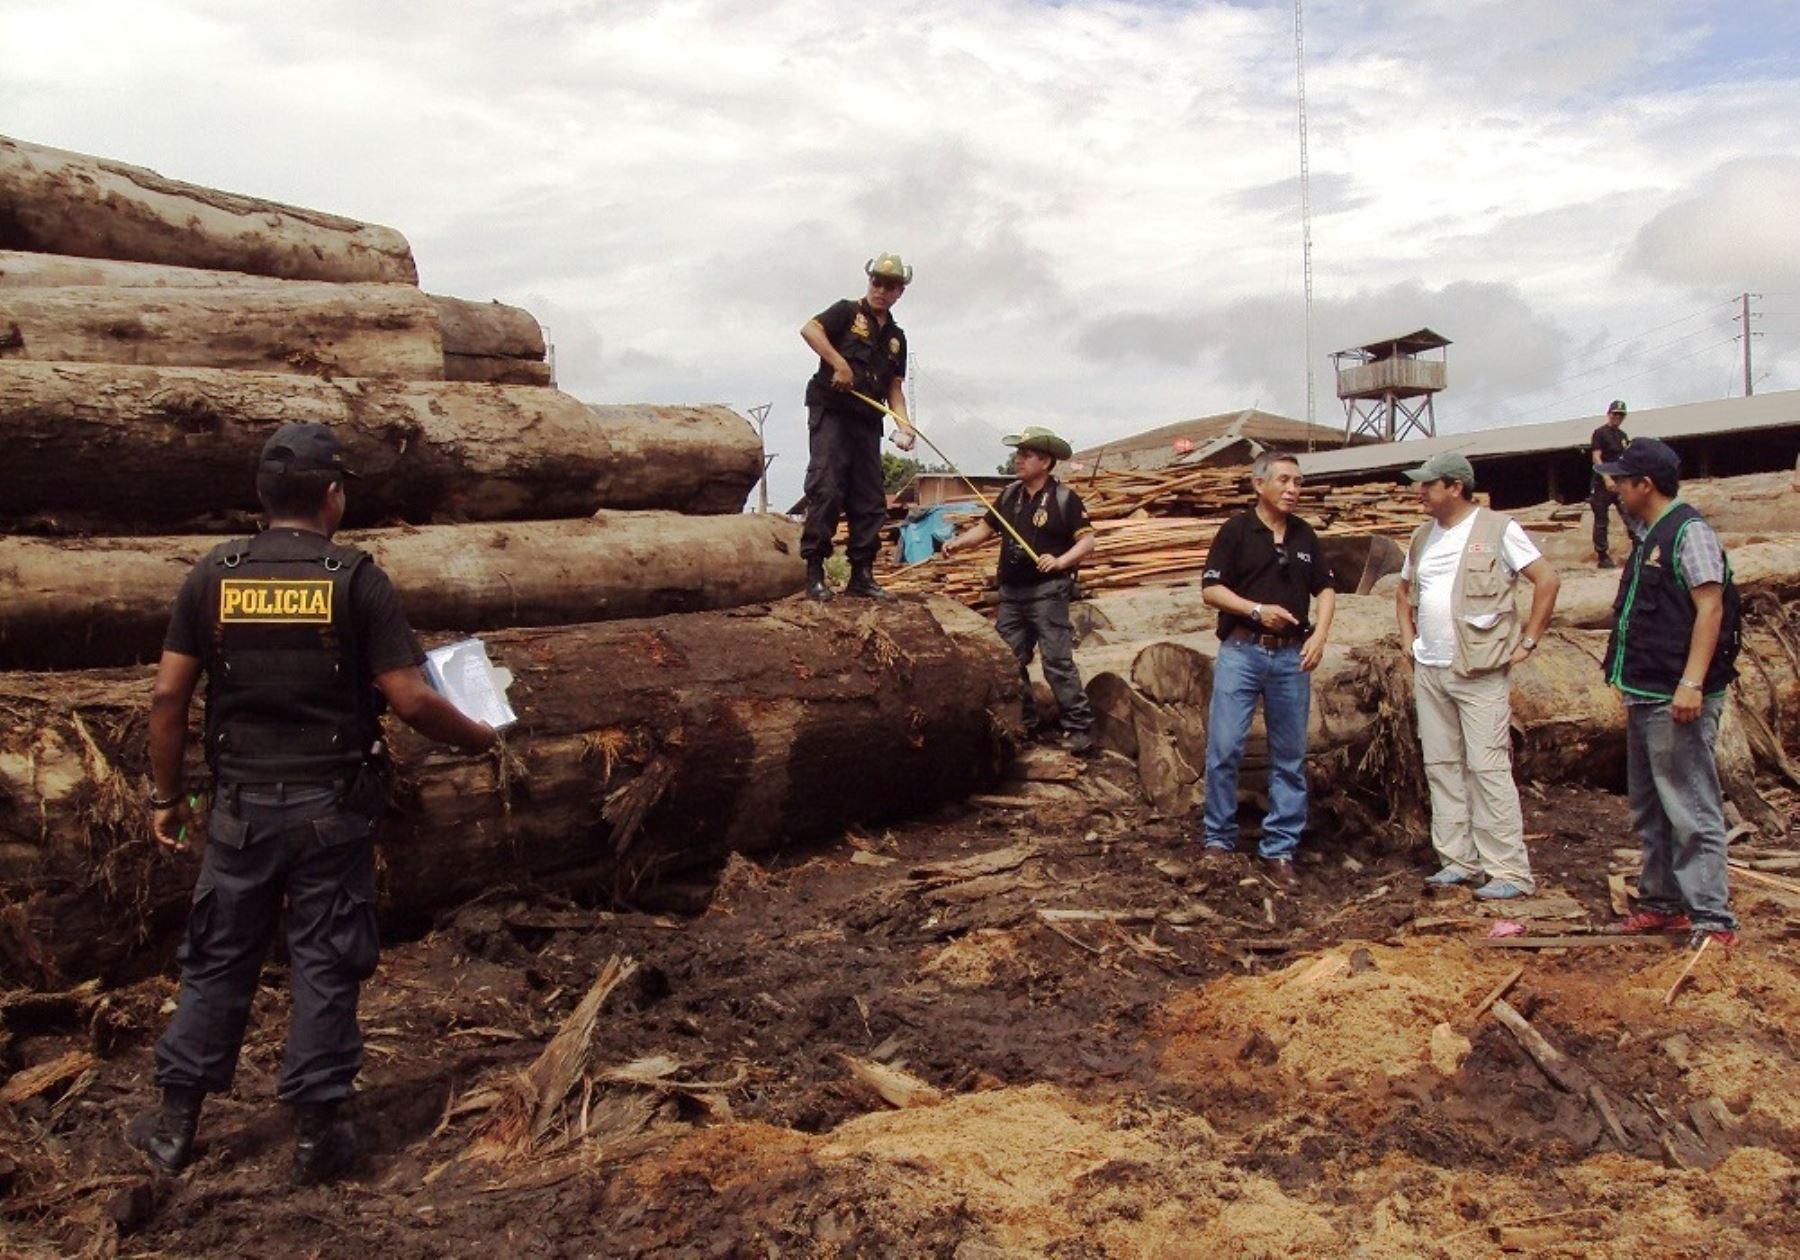 Más de 7 millones de pies tablares de madera ilegal son inmovilizados en Ucayali. Foto: ANDINA/Difusión.